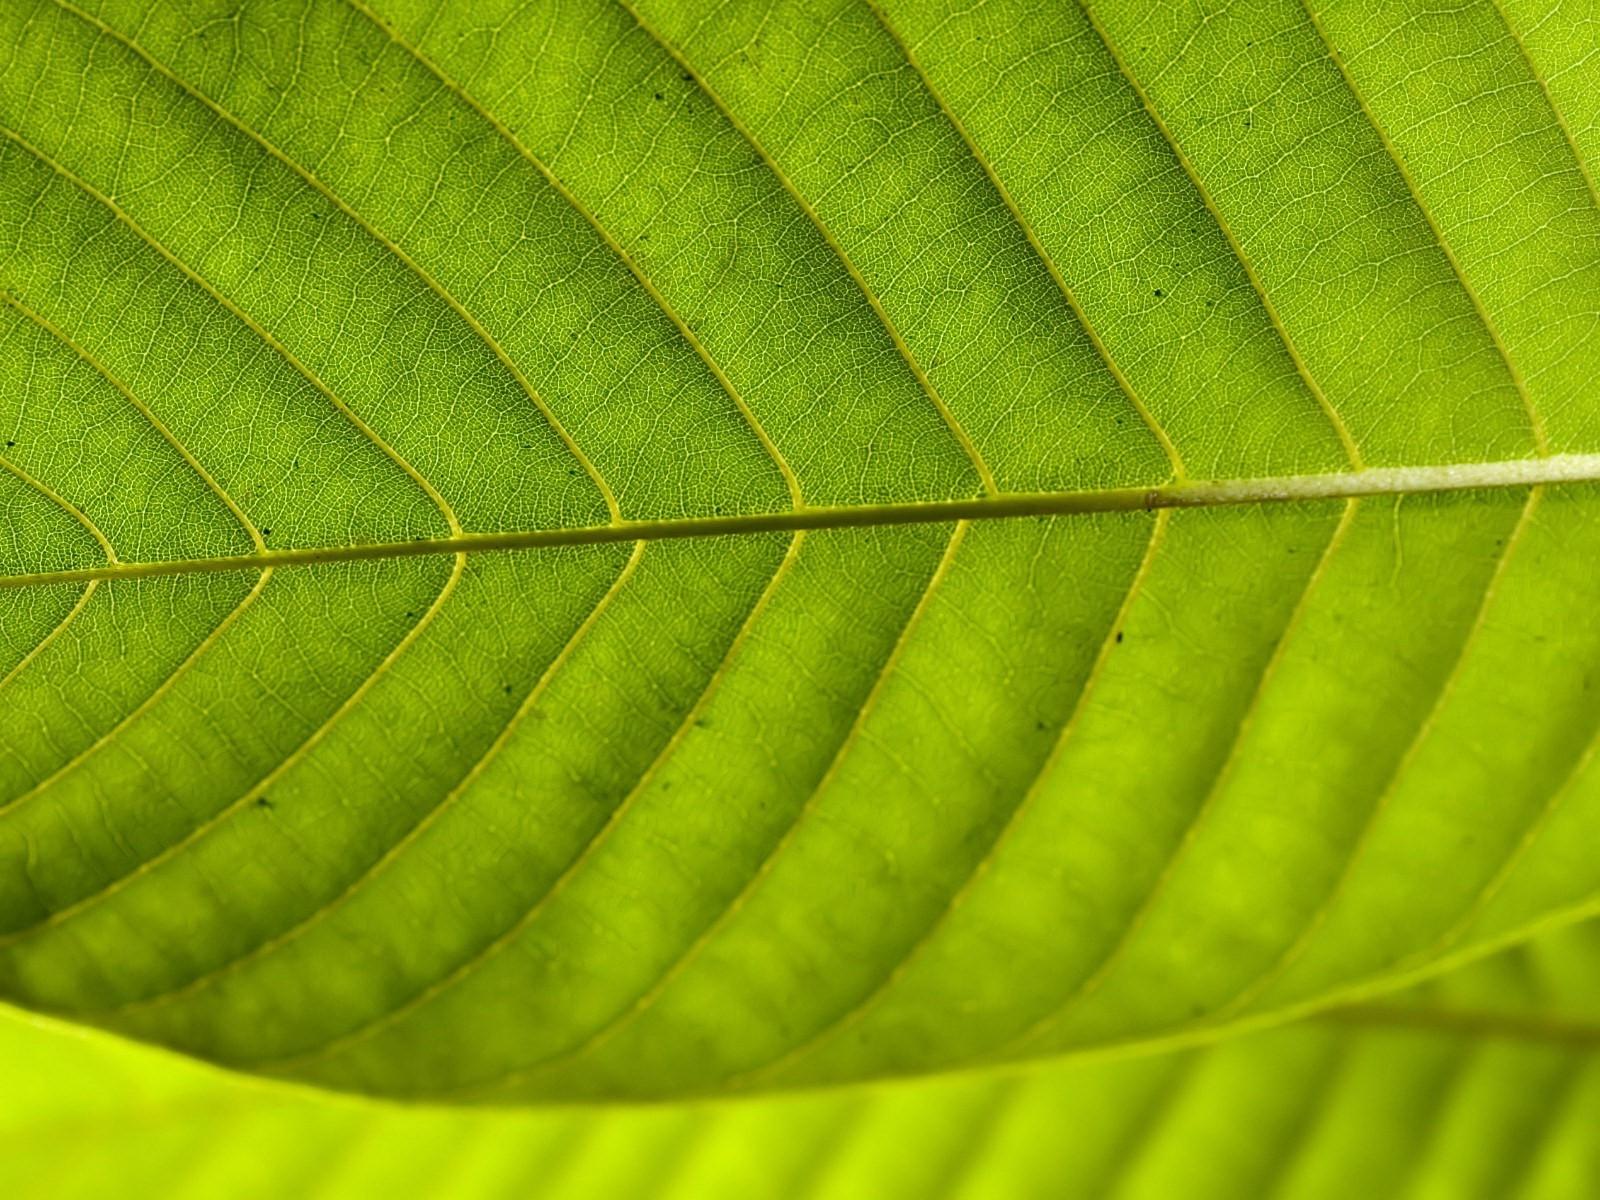 крым, макро фото сечение листа дерева никто